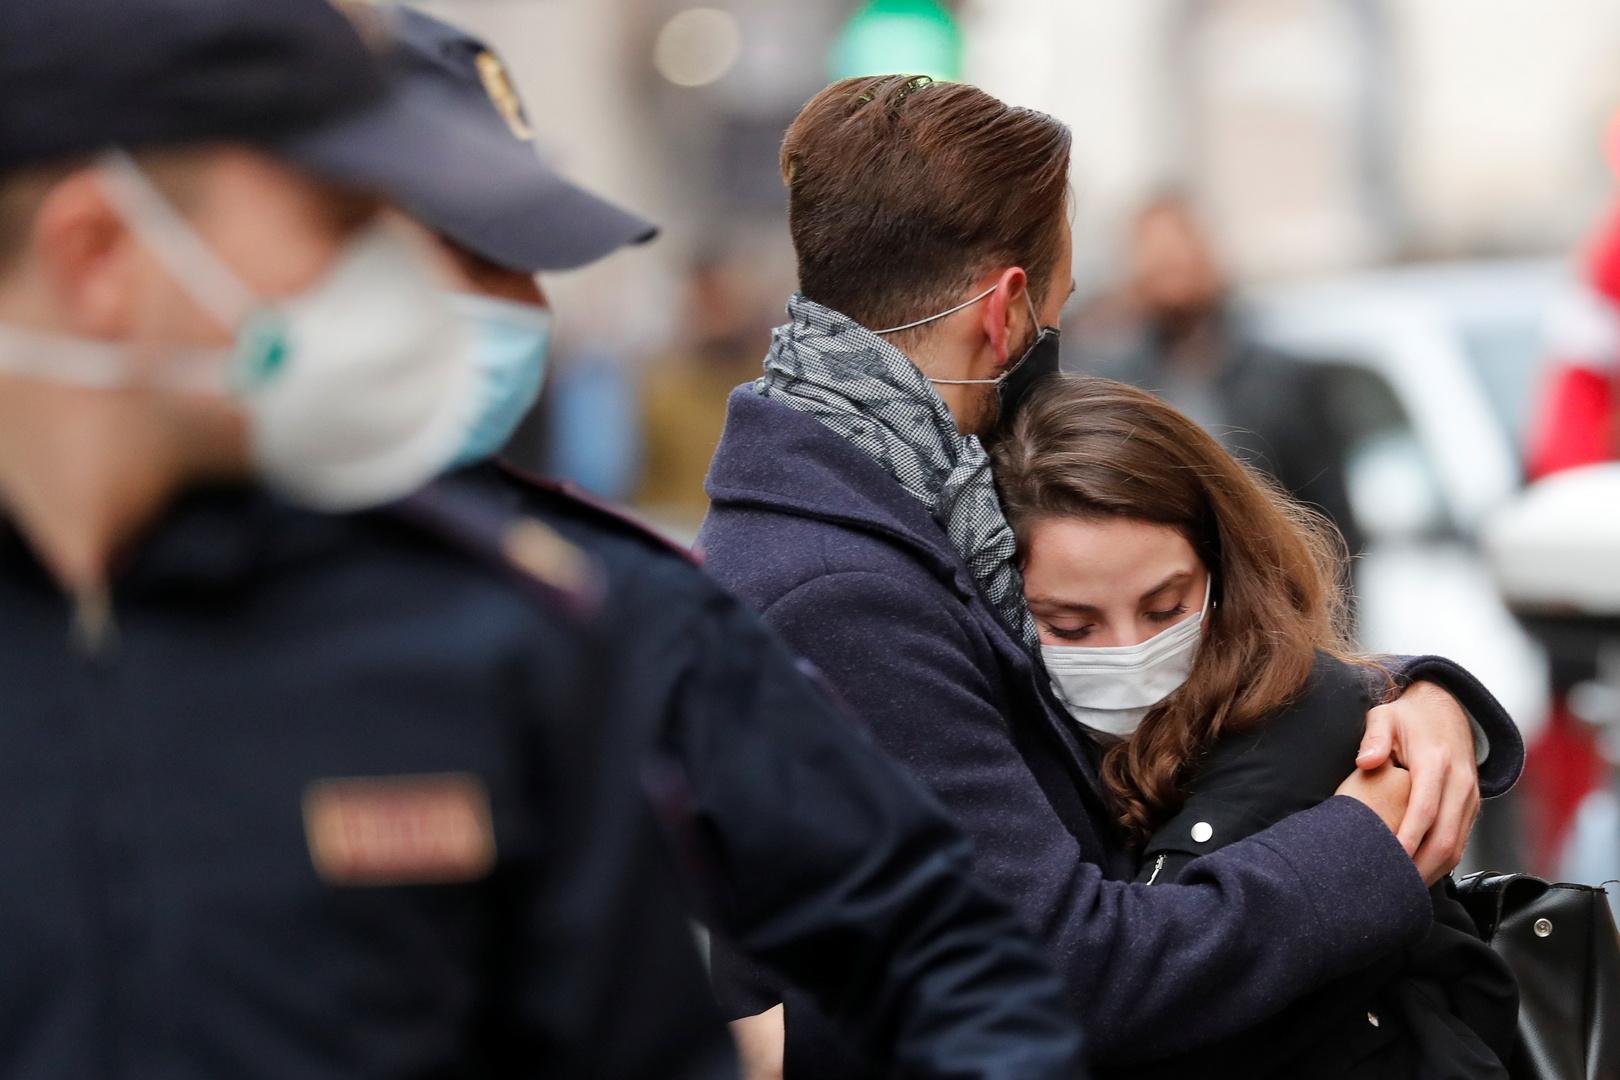 عالم فيروسات إيطالي: وجود اللقاحات المضادة لكورونا لا يعني التخلي عن الكمامات خلال العام المقبل